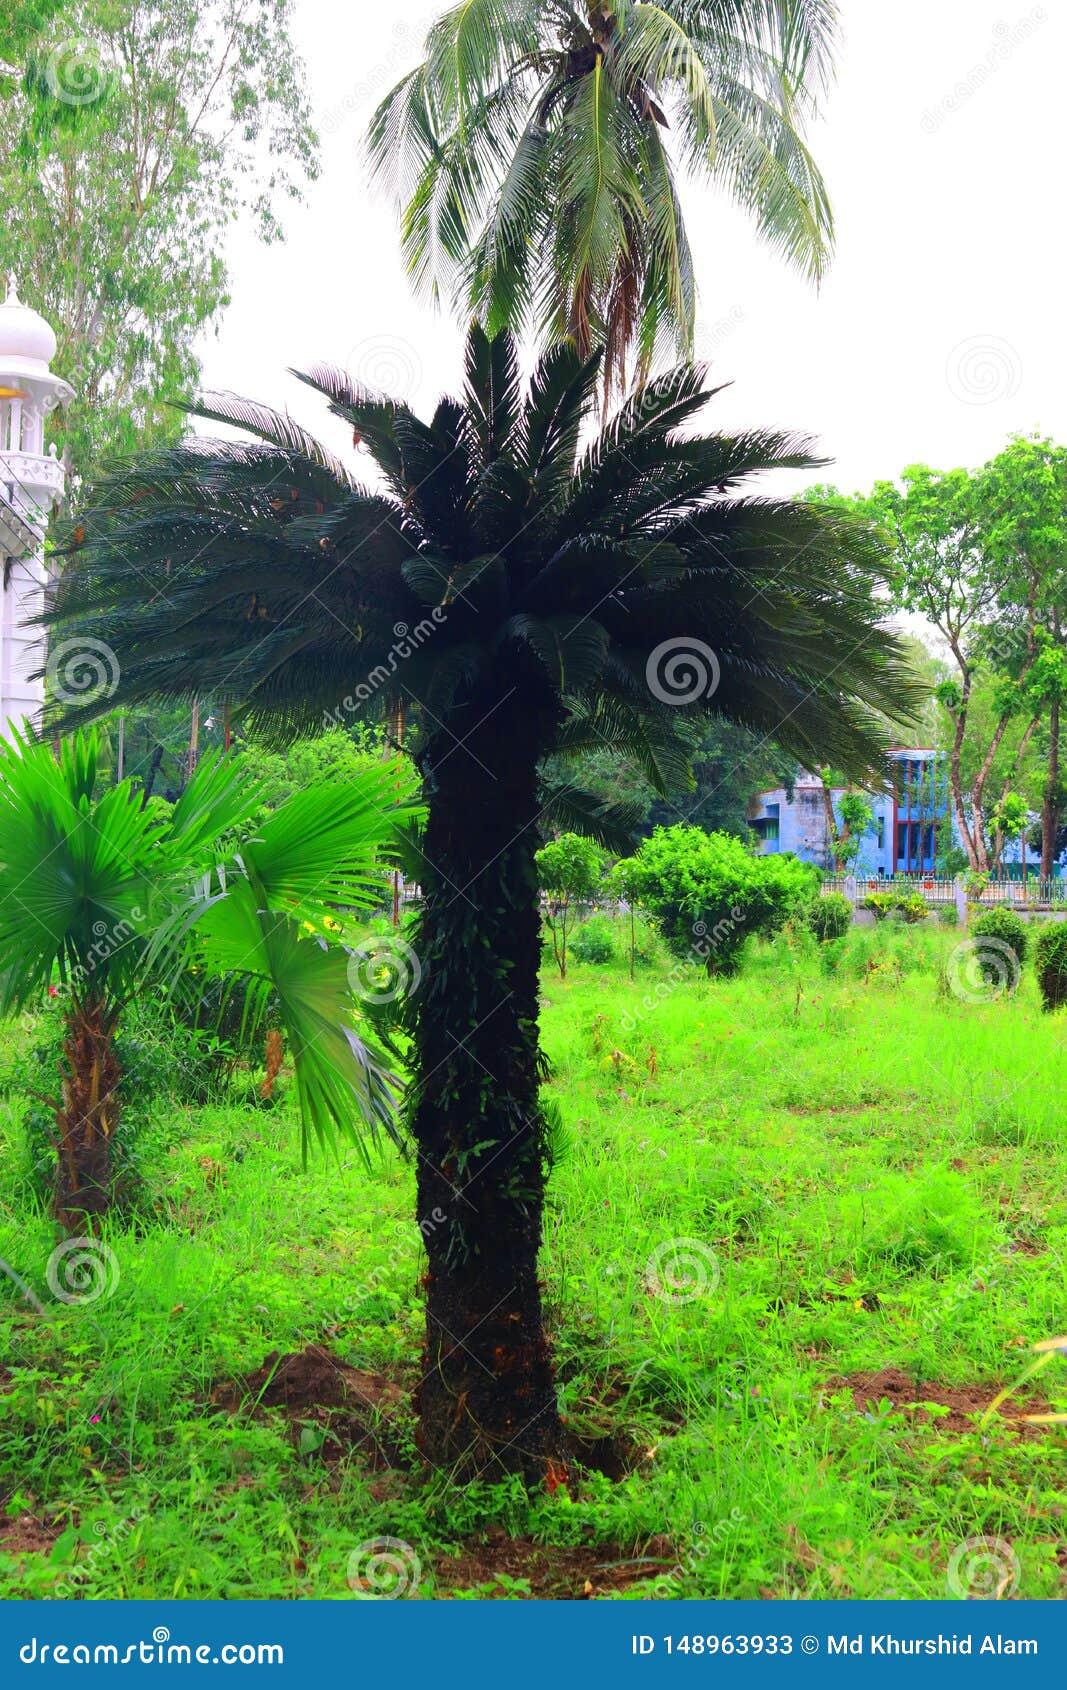 Gr?ne sch?ne Palme Langer Stamm-Dattelpalme-Baum Daten an einer Palme Datumspalmenniederlassungen mit reifen Daten B?ndel barhi D